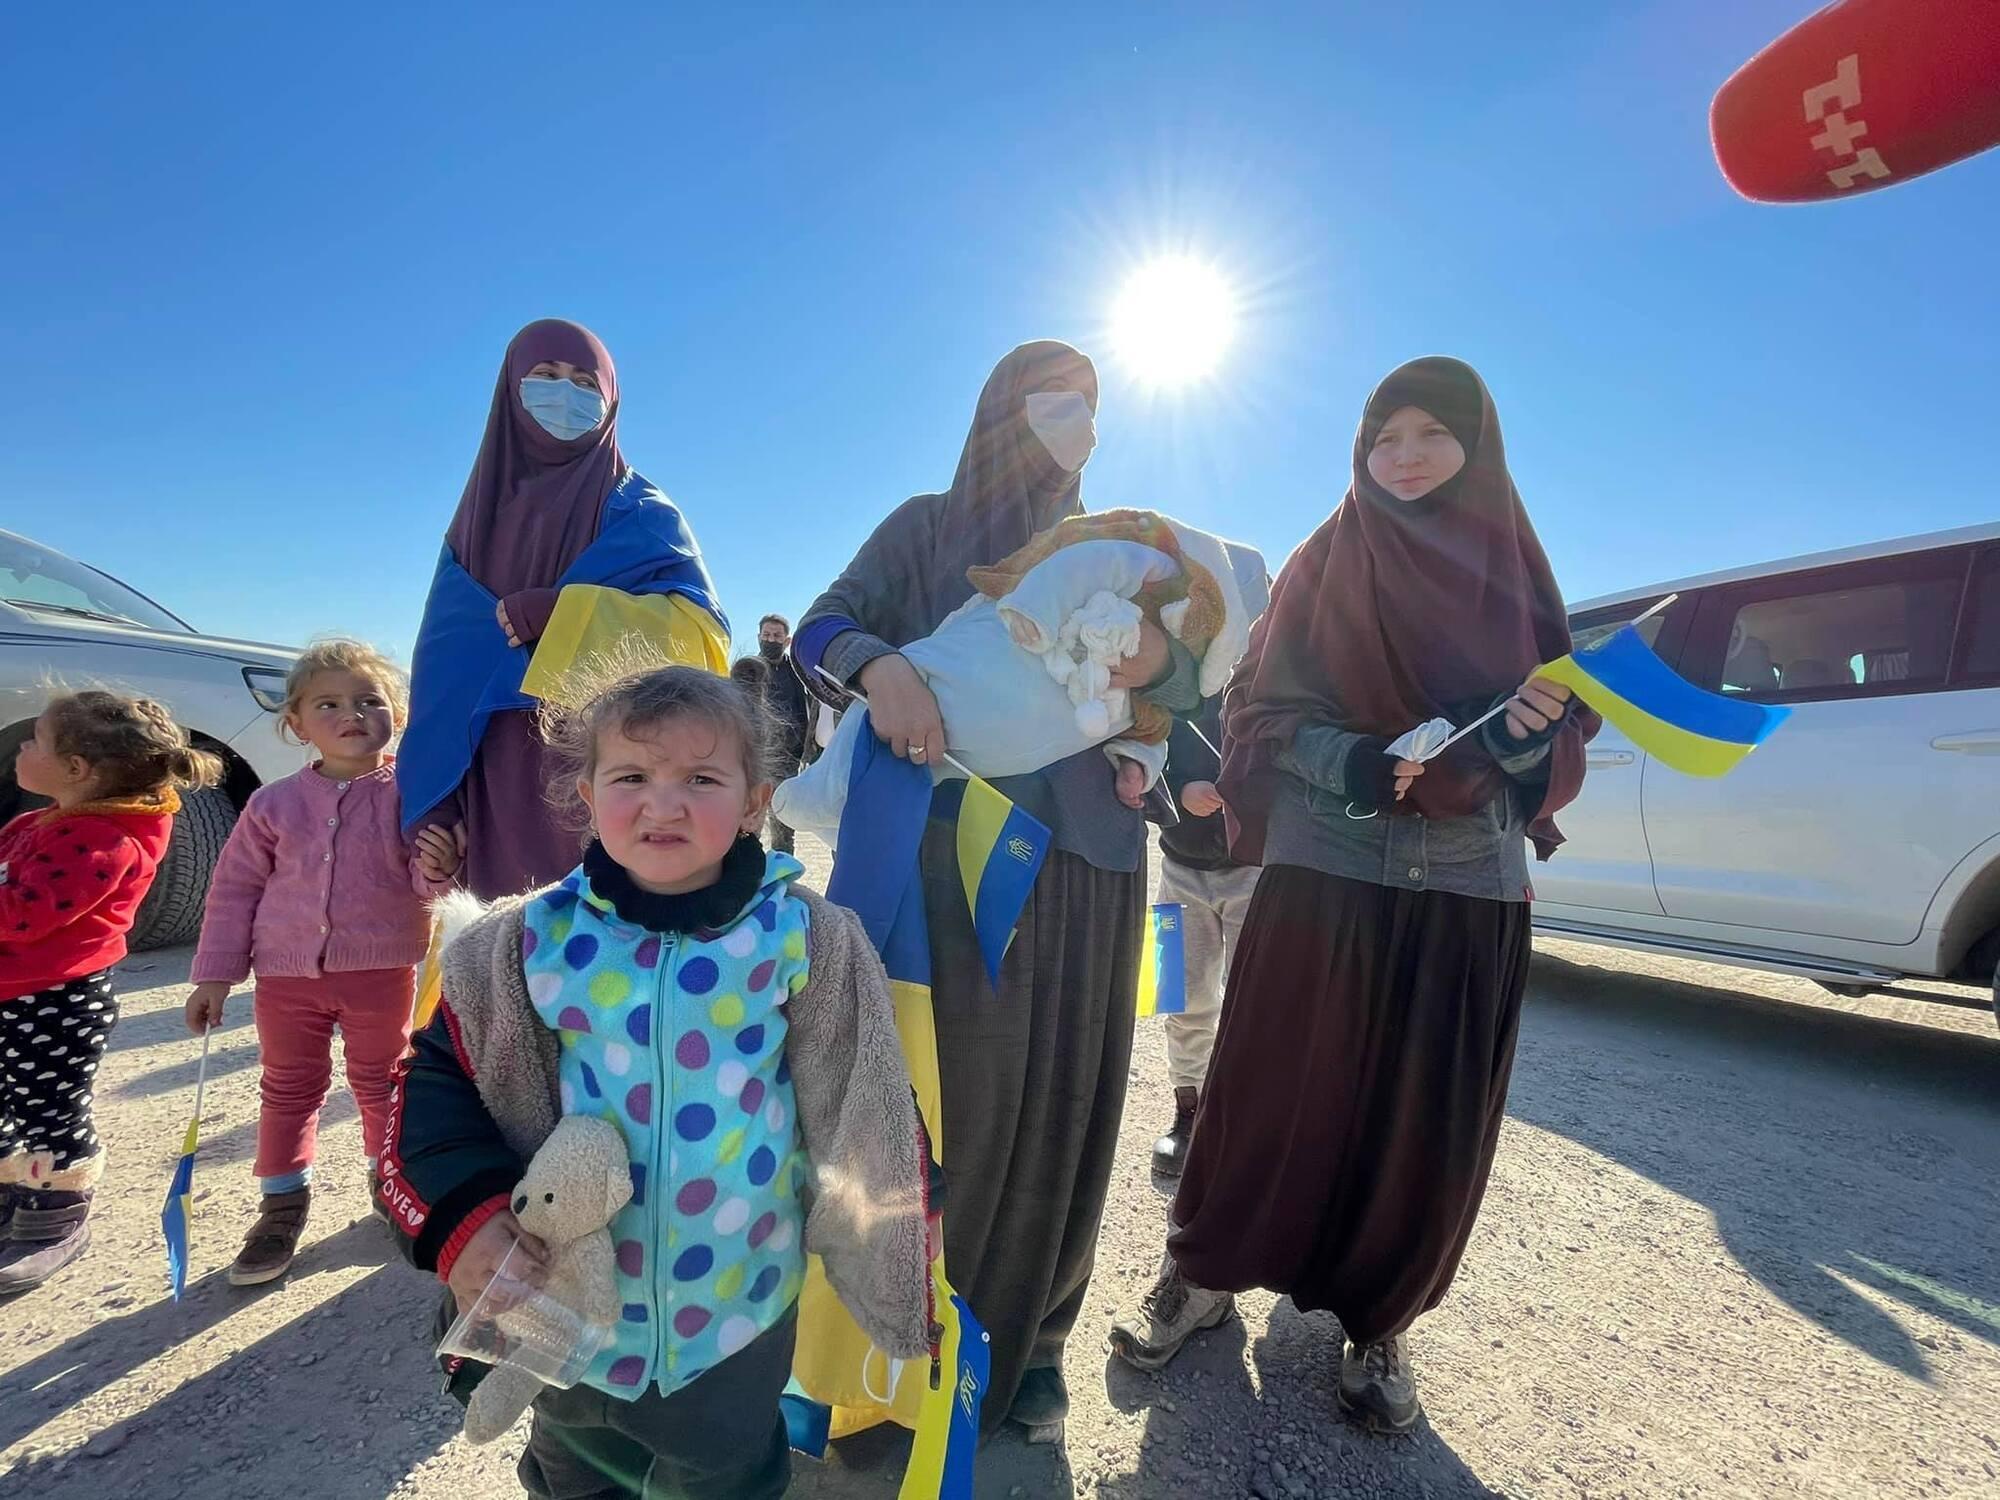 Две женщины и их семеро детей уже сегодня должны оказаться в Украине.